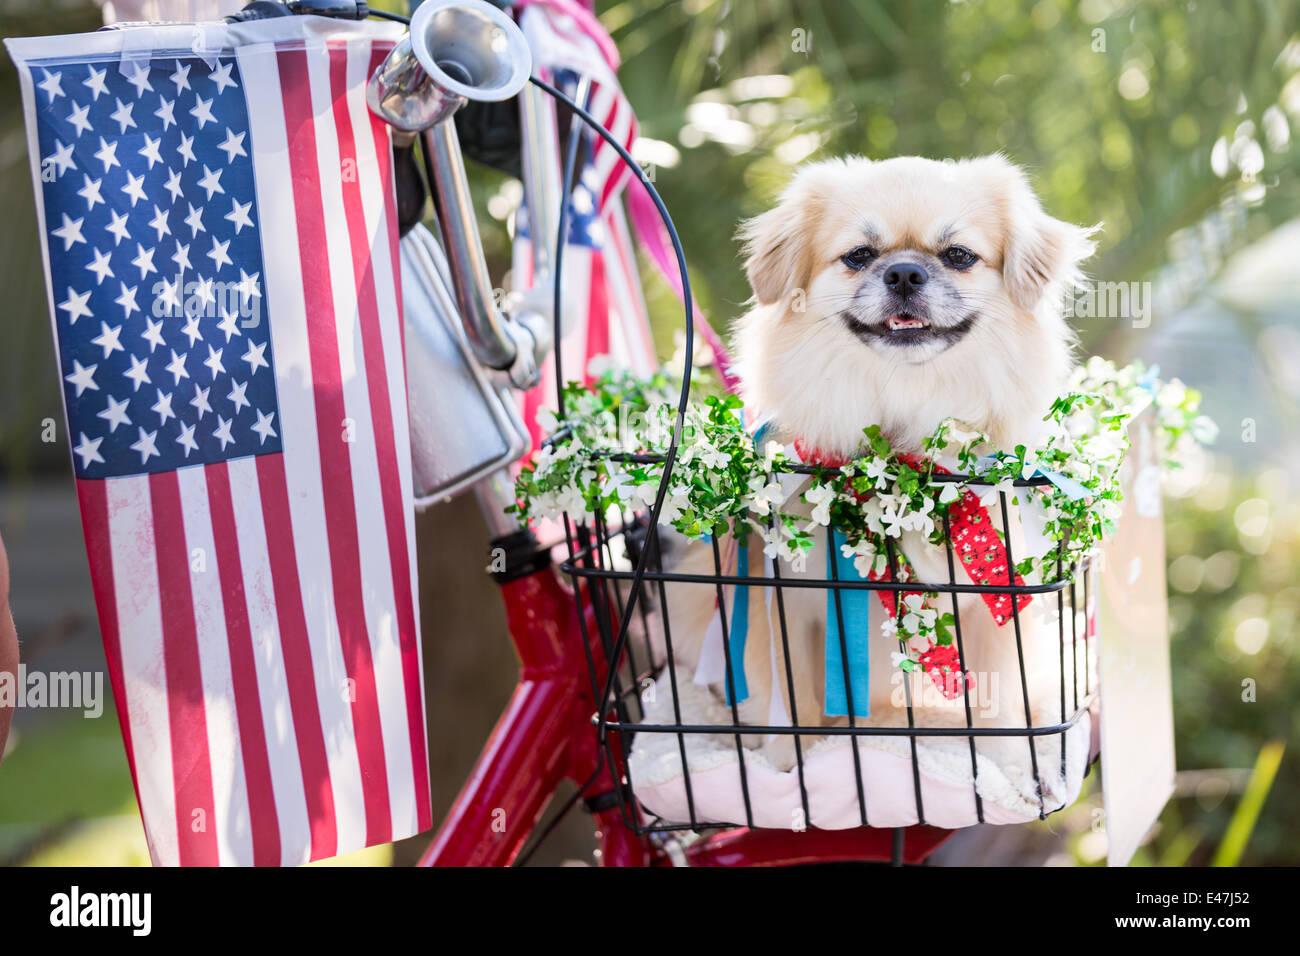 Un perro paseos en bicicleta cesta decorada con banderas durante la I'en comunidad desfile del Día de la Imagen De Stock